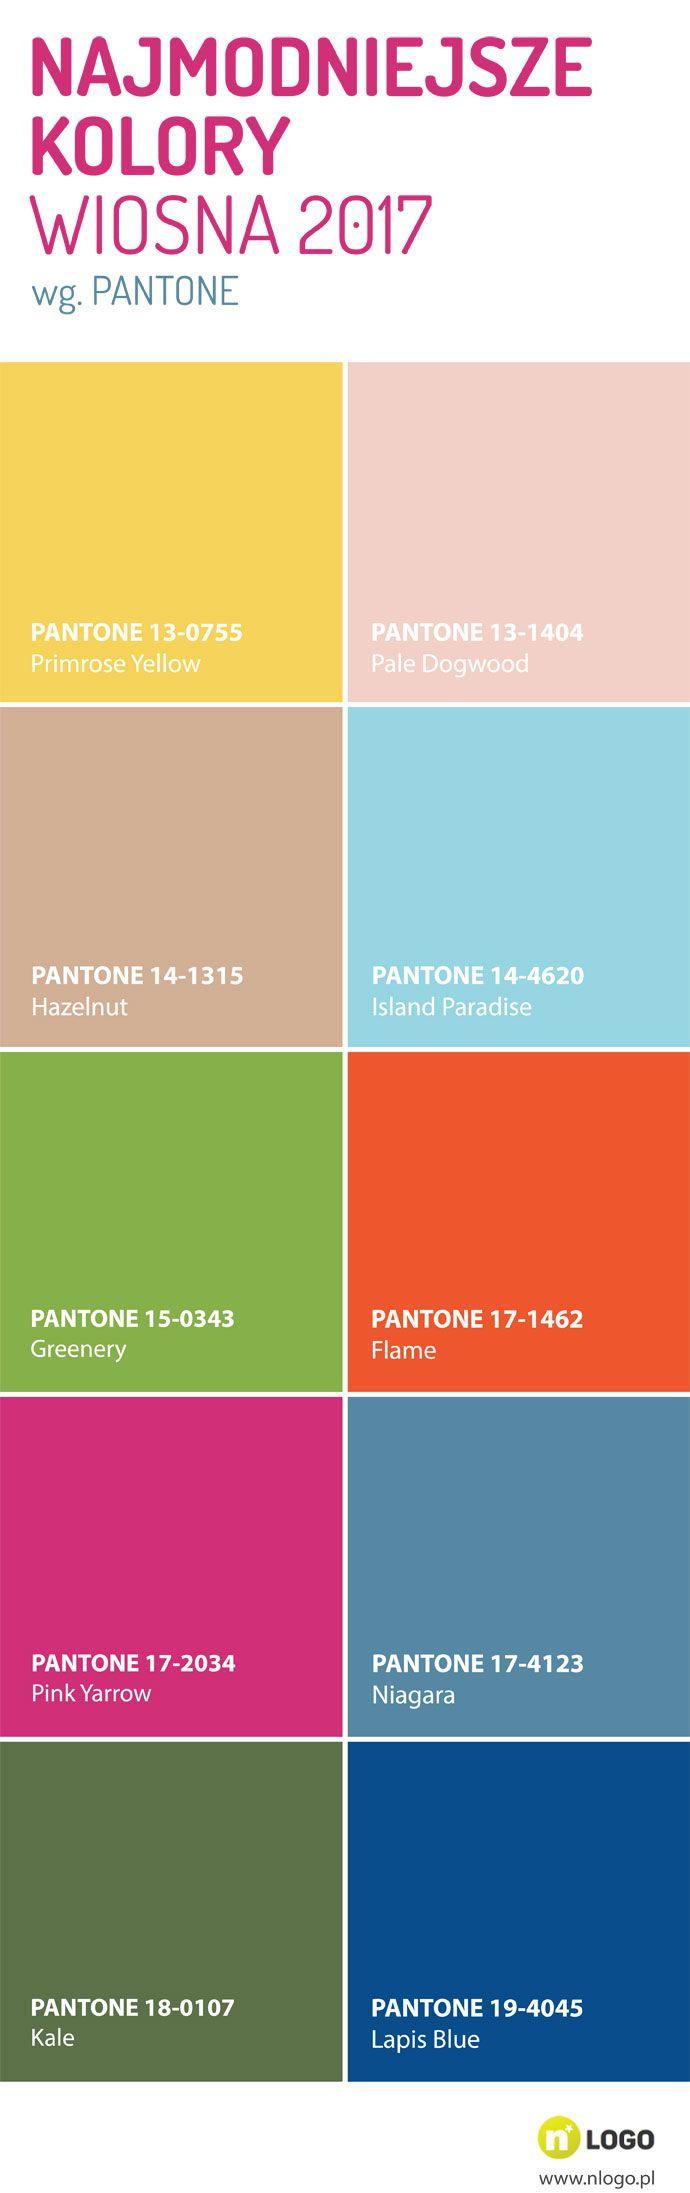 Najmodniejsze kolory na wiosnę - 2017  http://www.nlogo.pl/wiedza/najmodniejsze-kolory-na-wiosne-2017-infografika